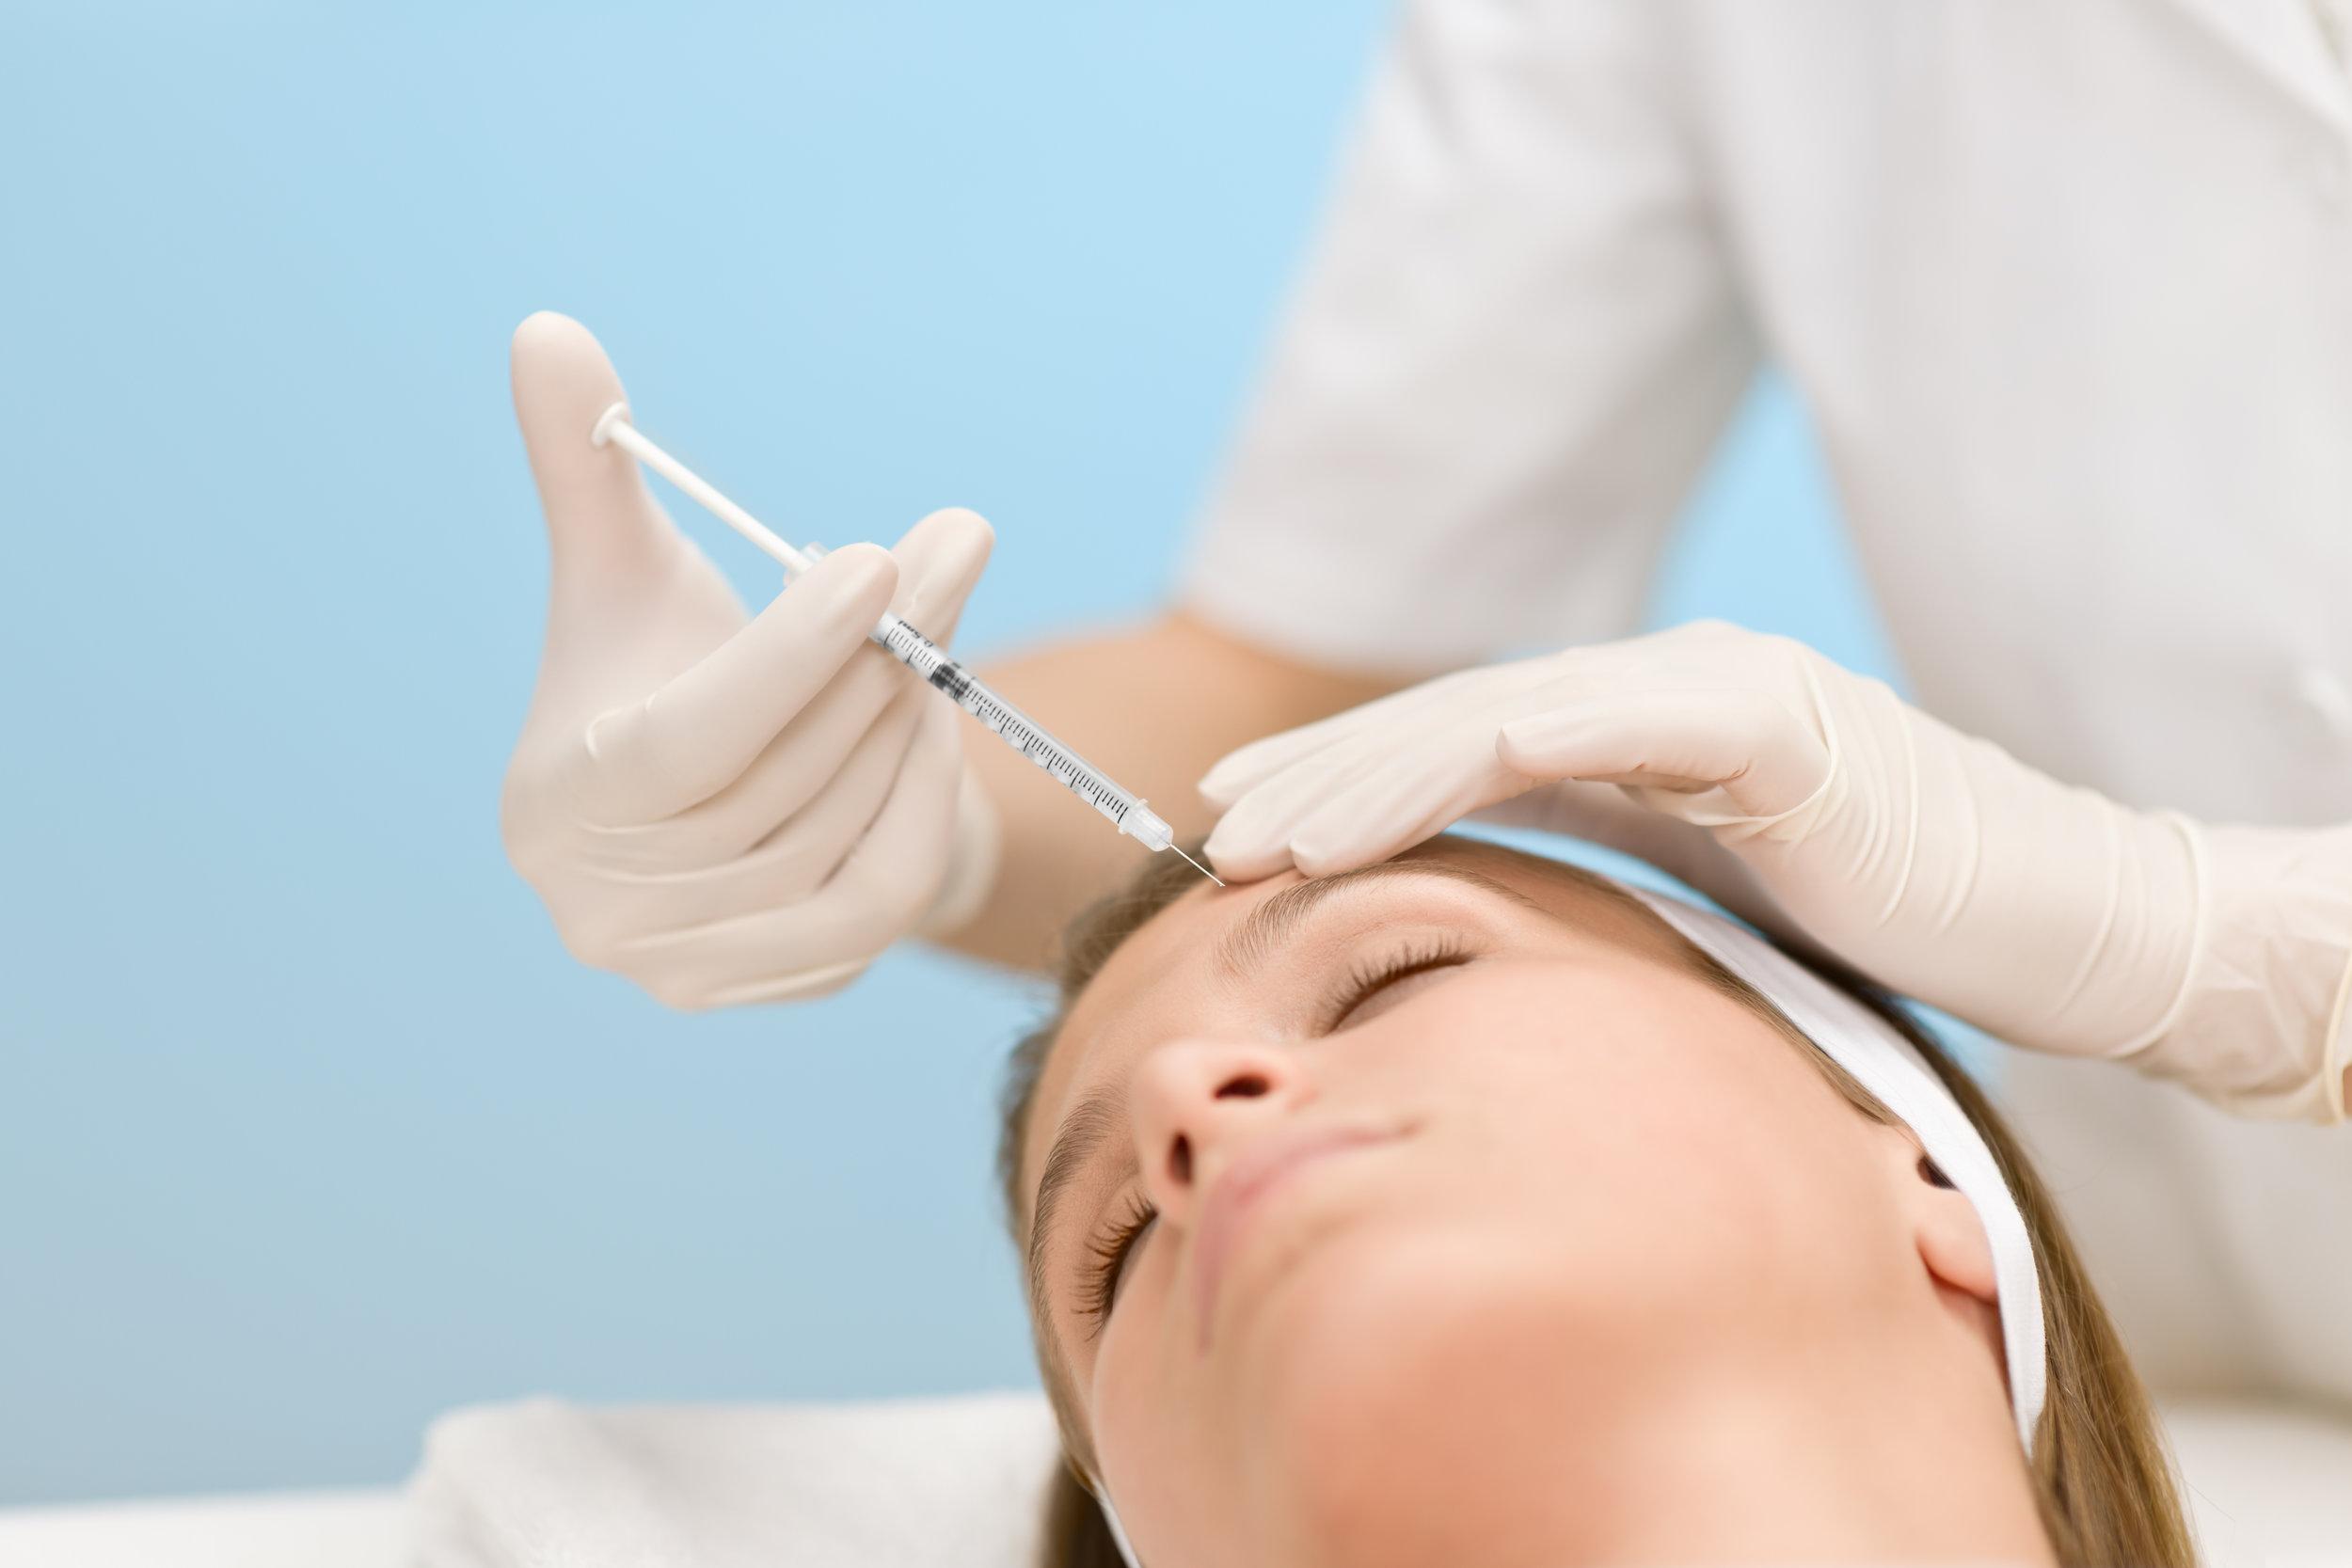 Cosmetic Medicine | MediSpa Services in Leesburg Virginia